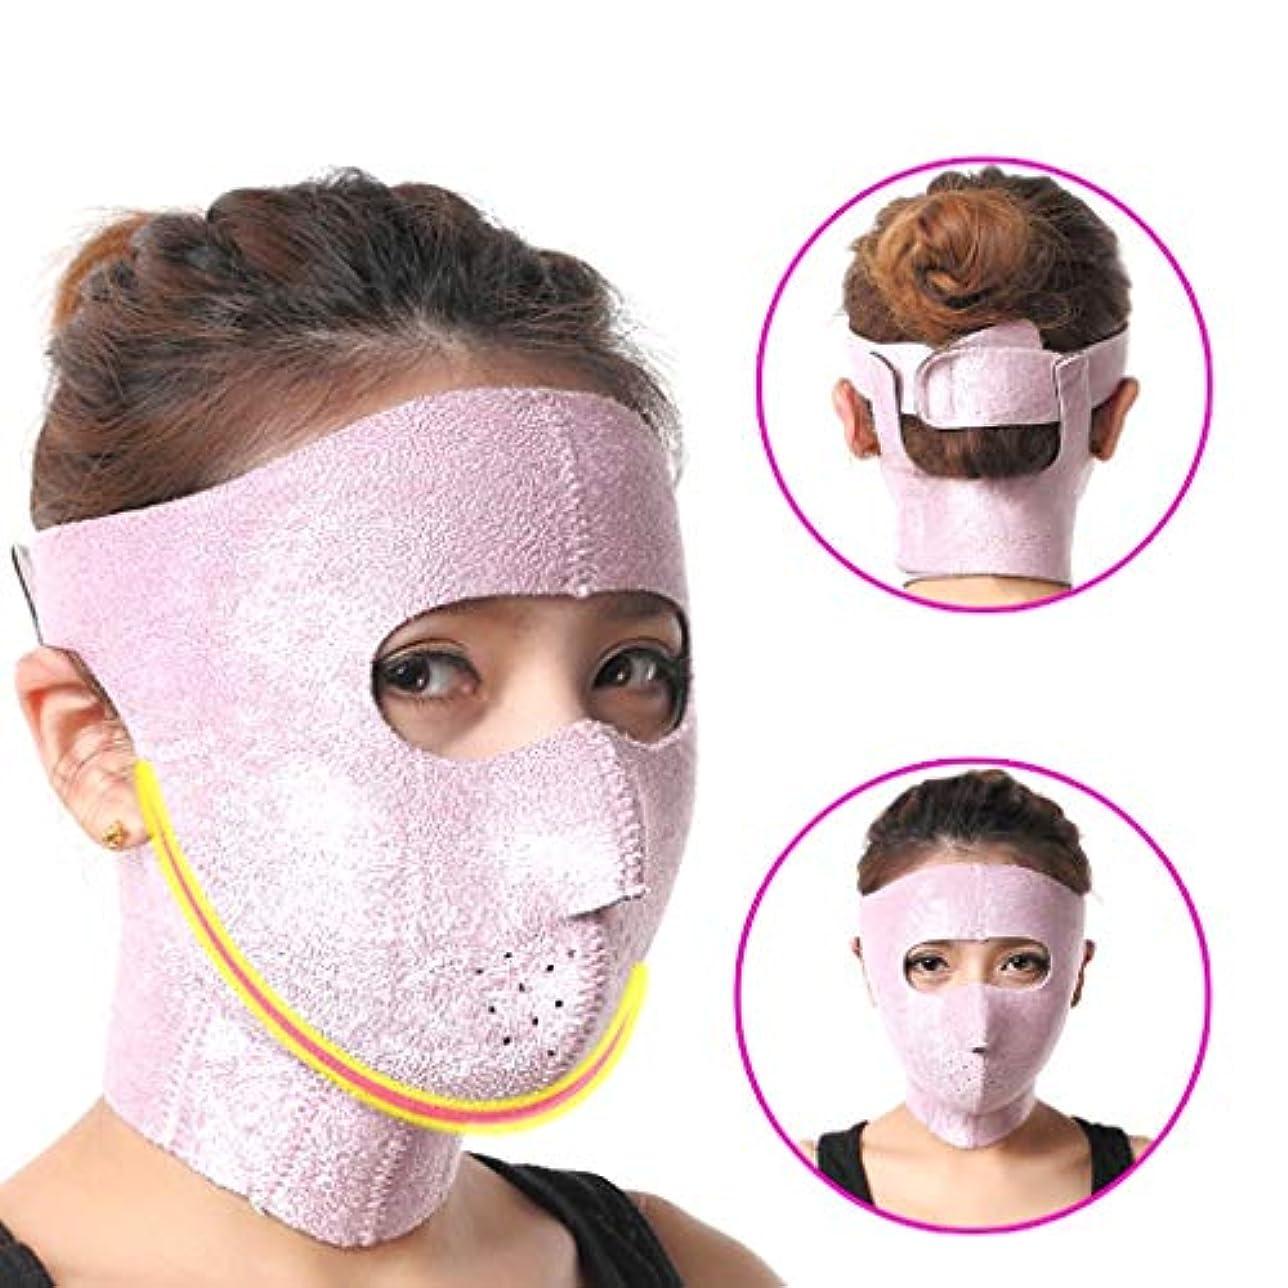 便利きつくブリッジXHLMRMJ 薄いあご修正ツール、顔リフティングマスク、リフティングファーミング、Vフェイシャルマスク、改良された咬筋二重あご、男性と女性の両方に適しています